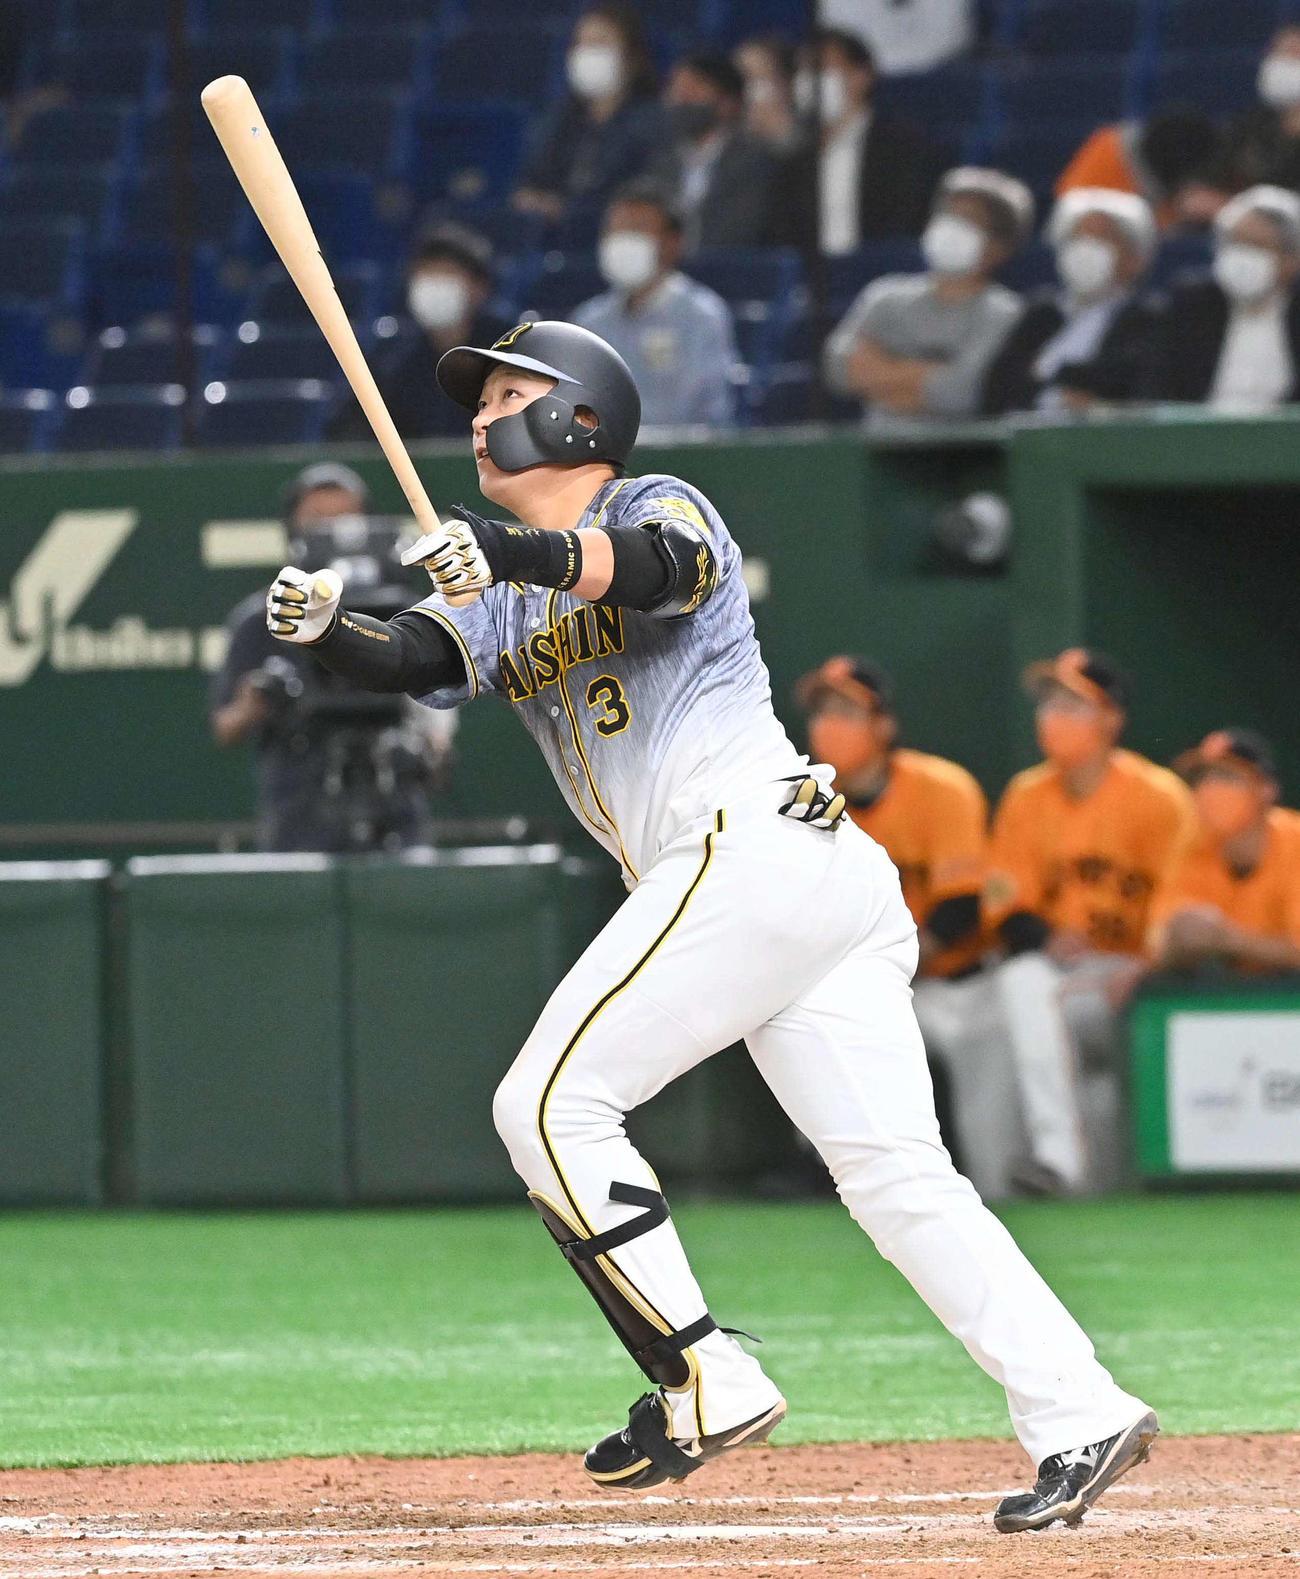 巨人対阪神 9回表阪神1死一塁、左越え2点本塁打を放つ大山(撮影・上田博志)